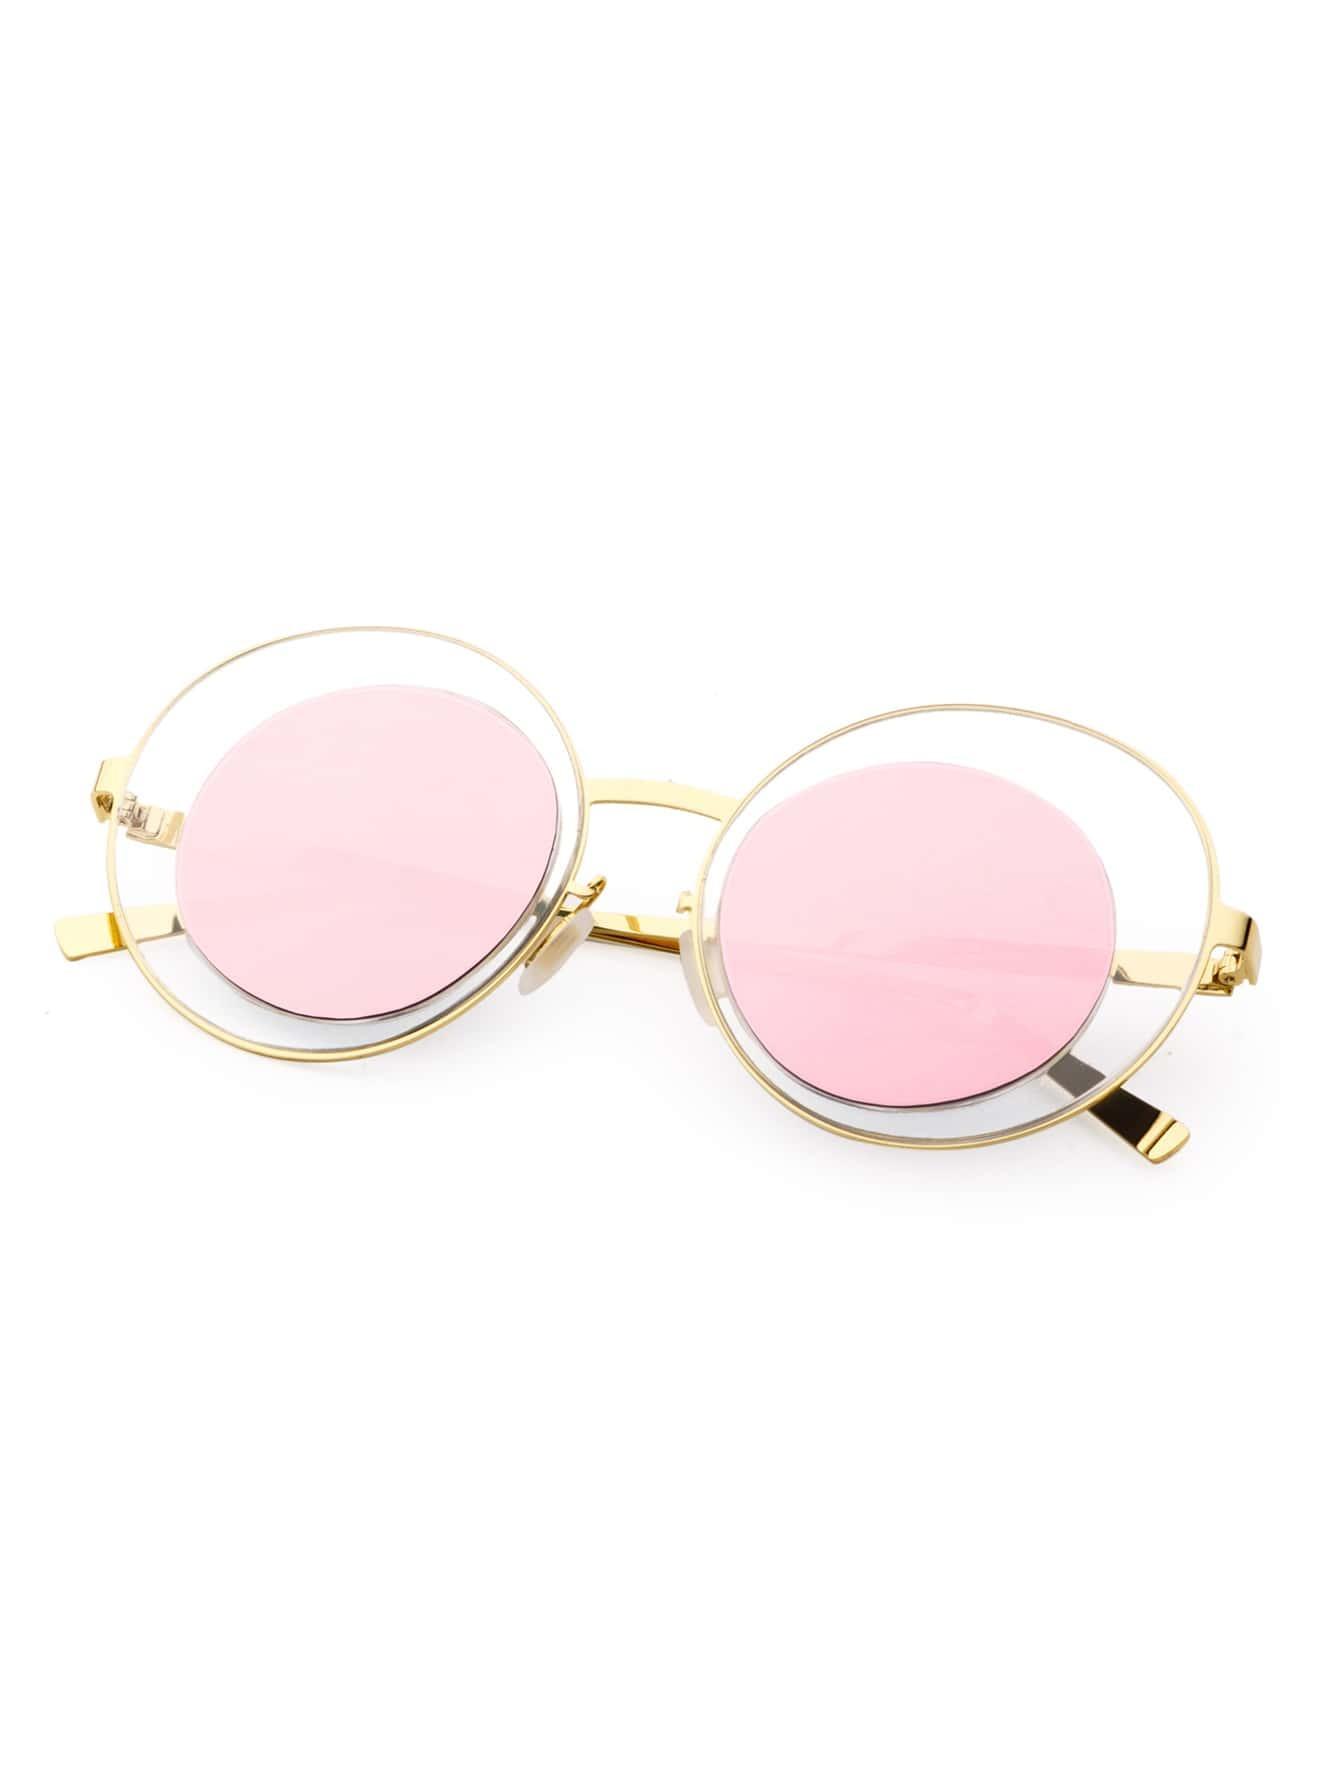 Lunettes de soleil lentille miroir dor et rose french romwe for Miroir rose gold